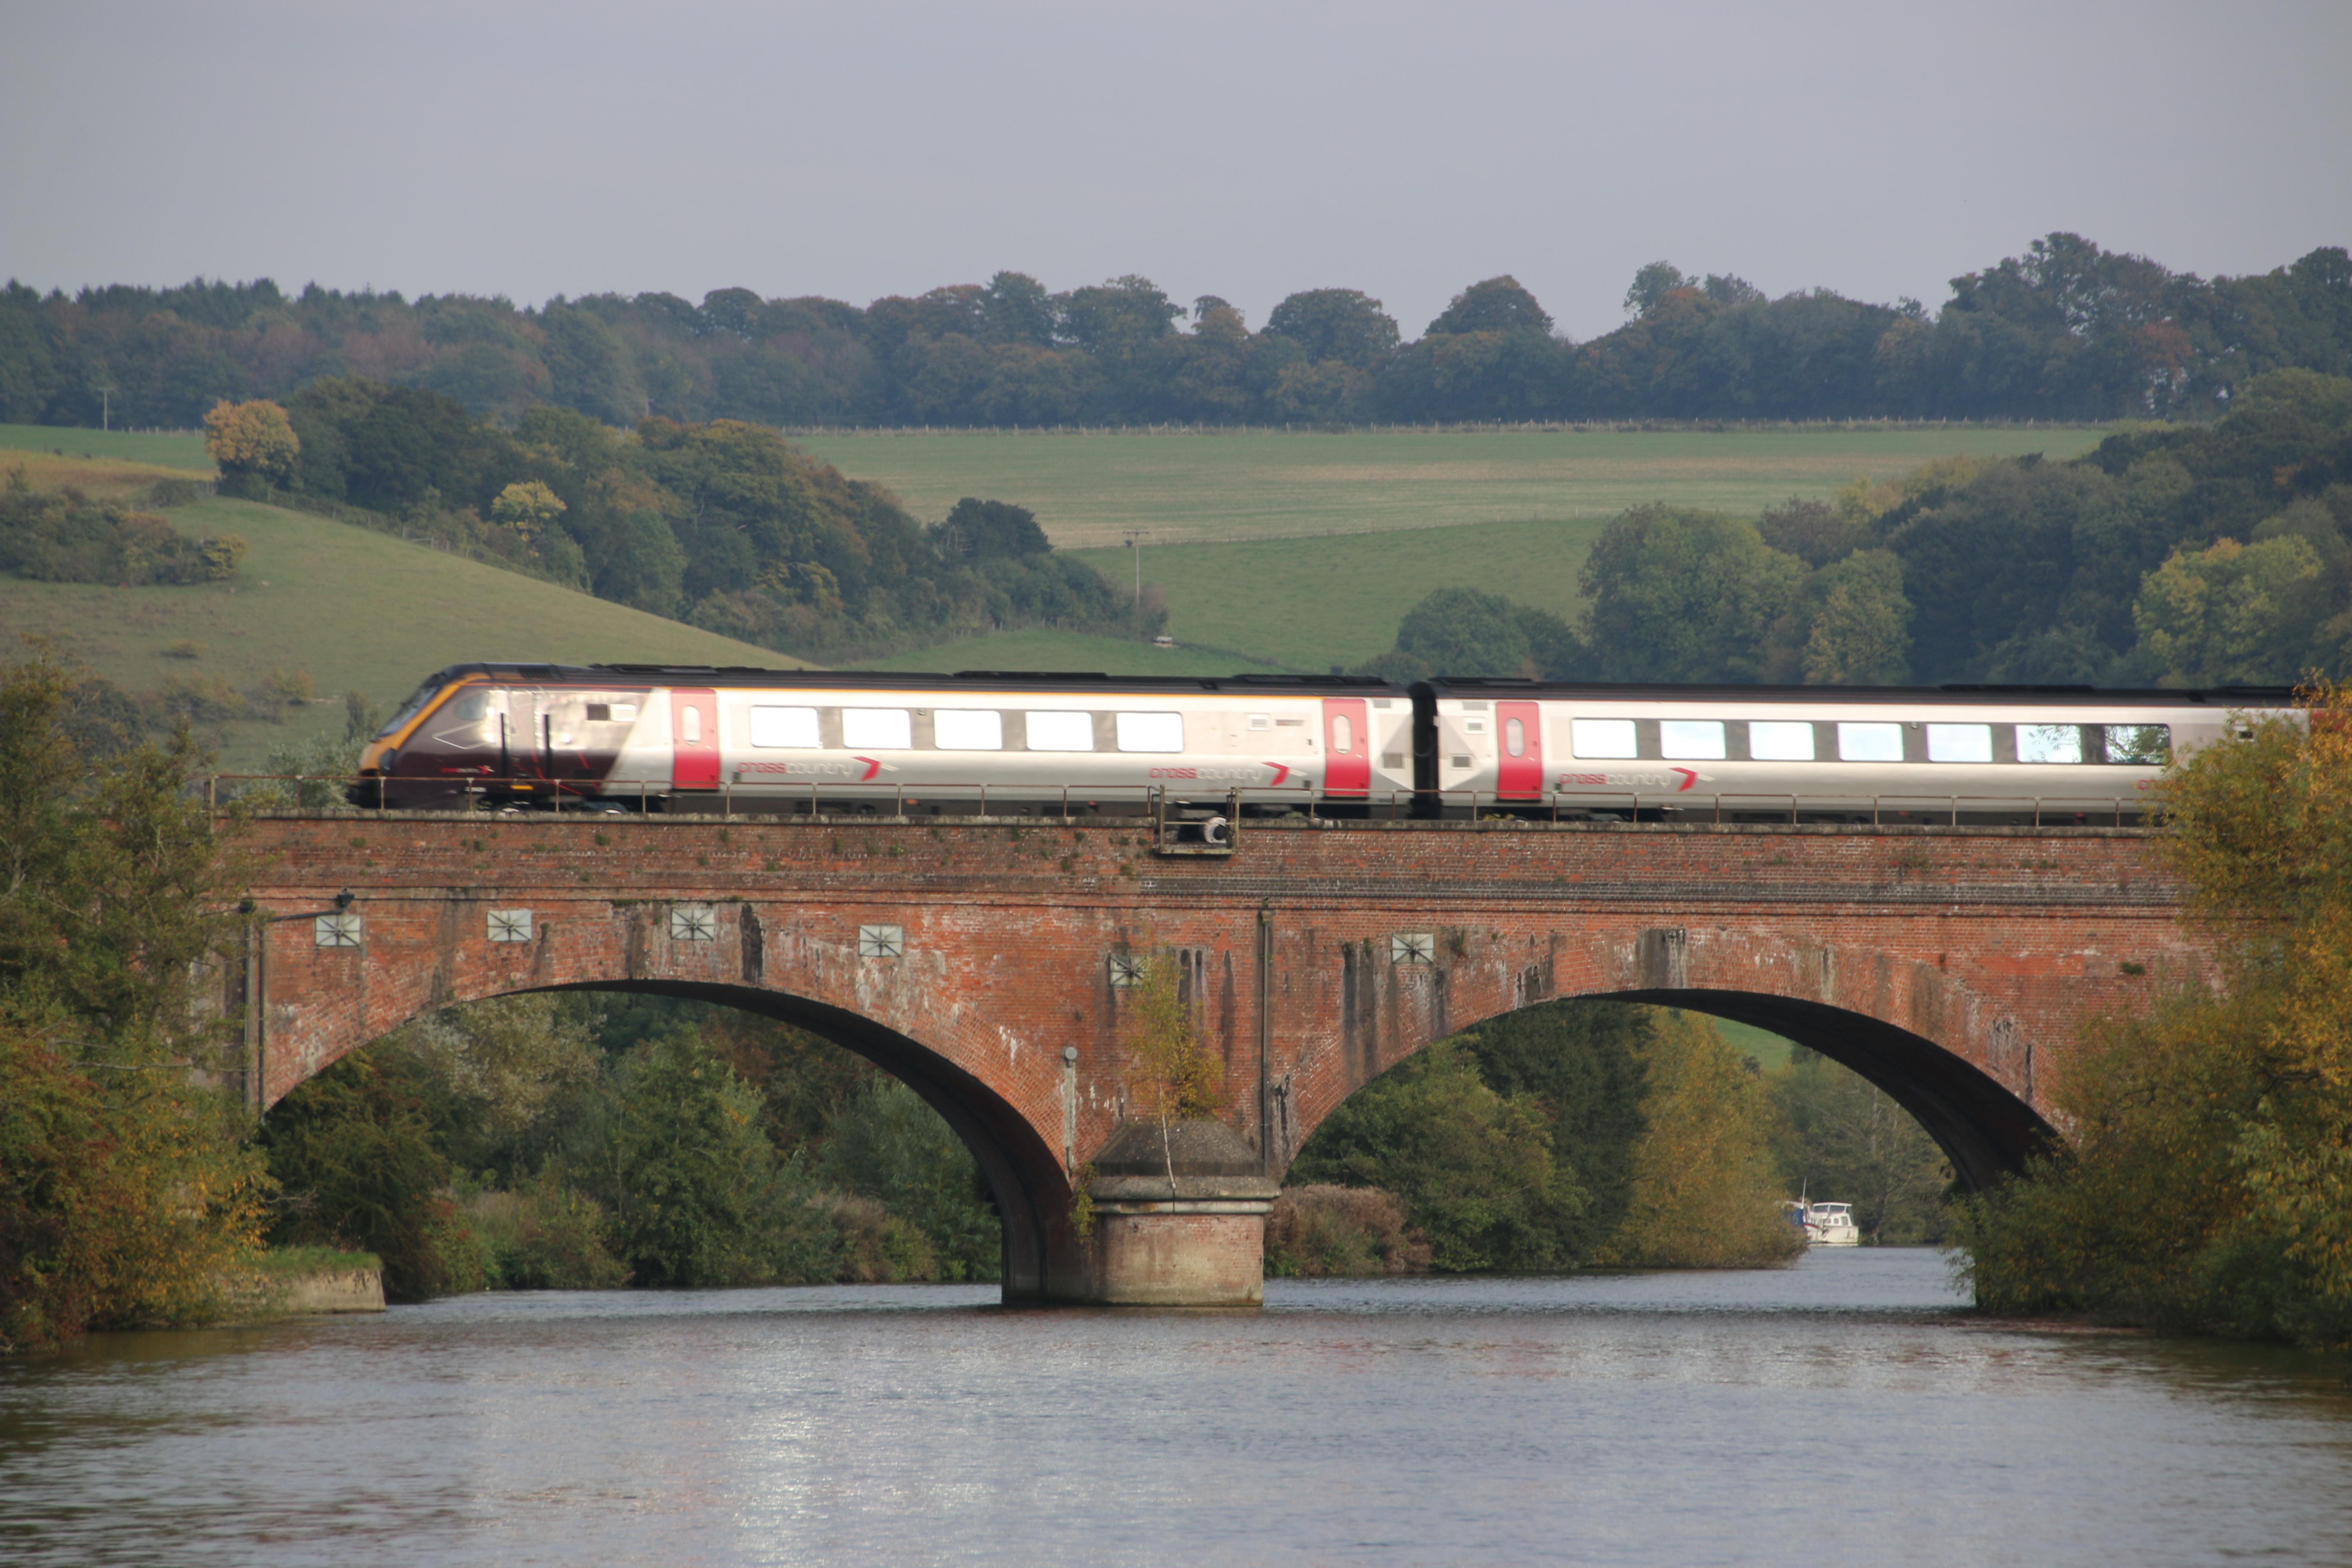 53-gatehampton-railway-bridge-0194